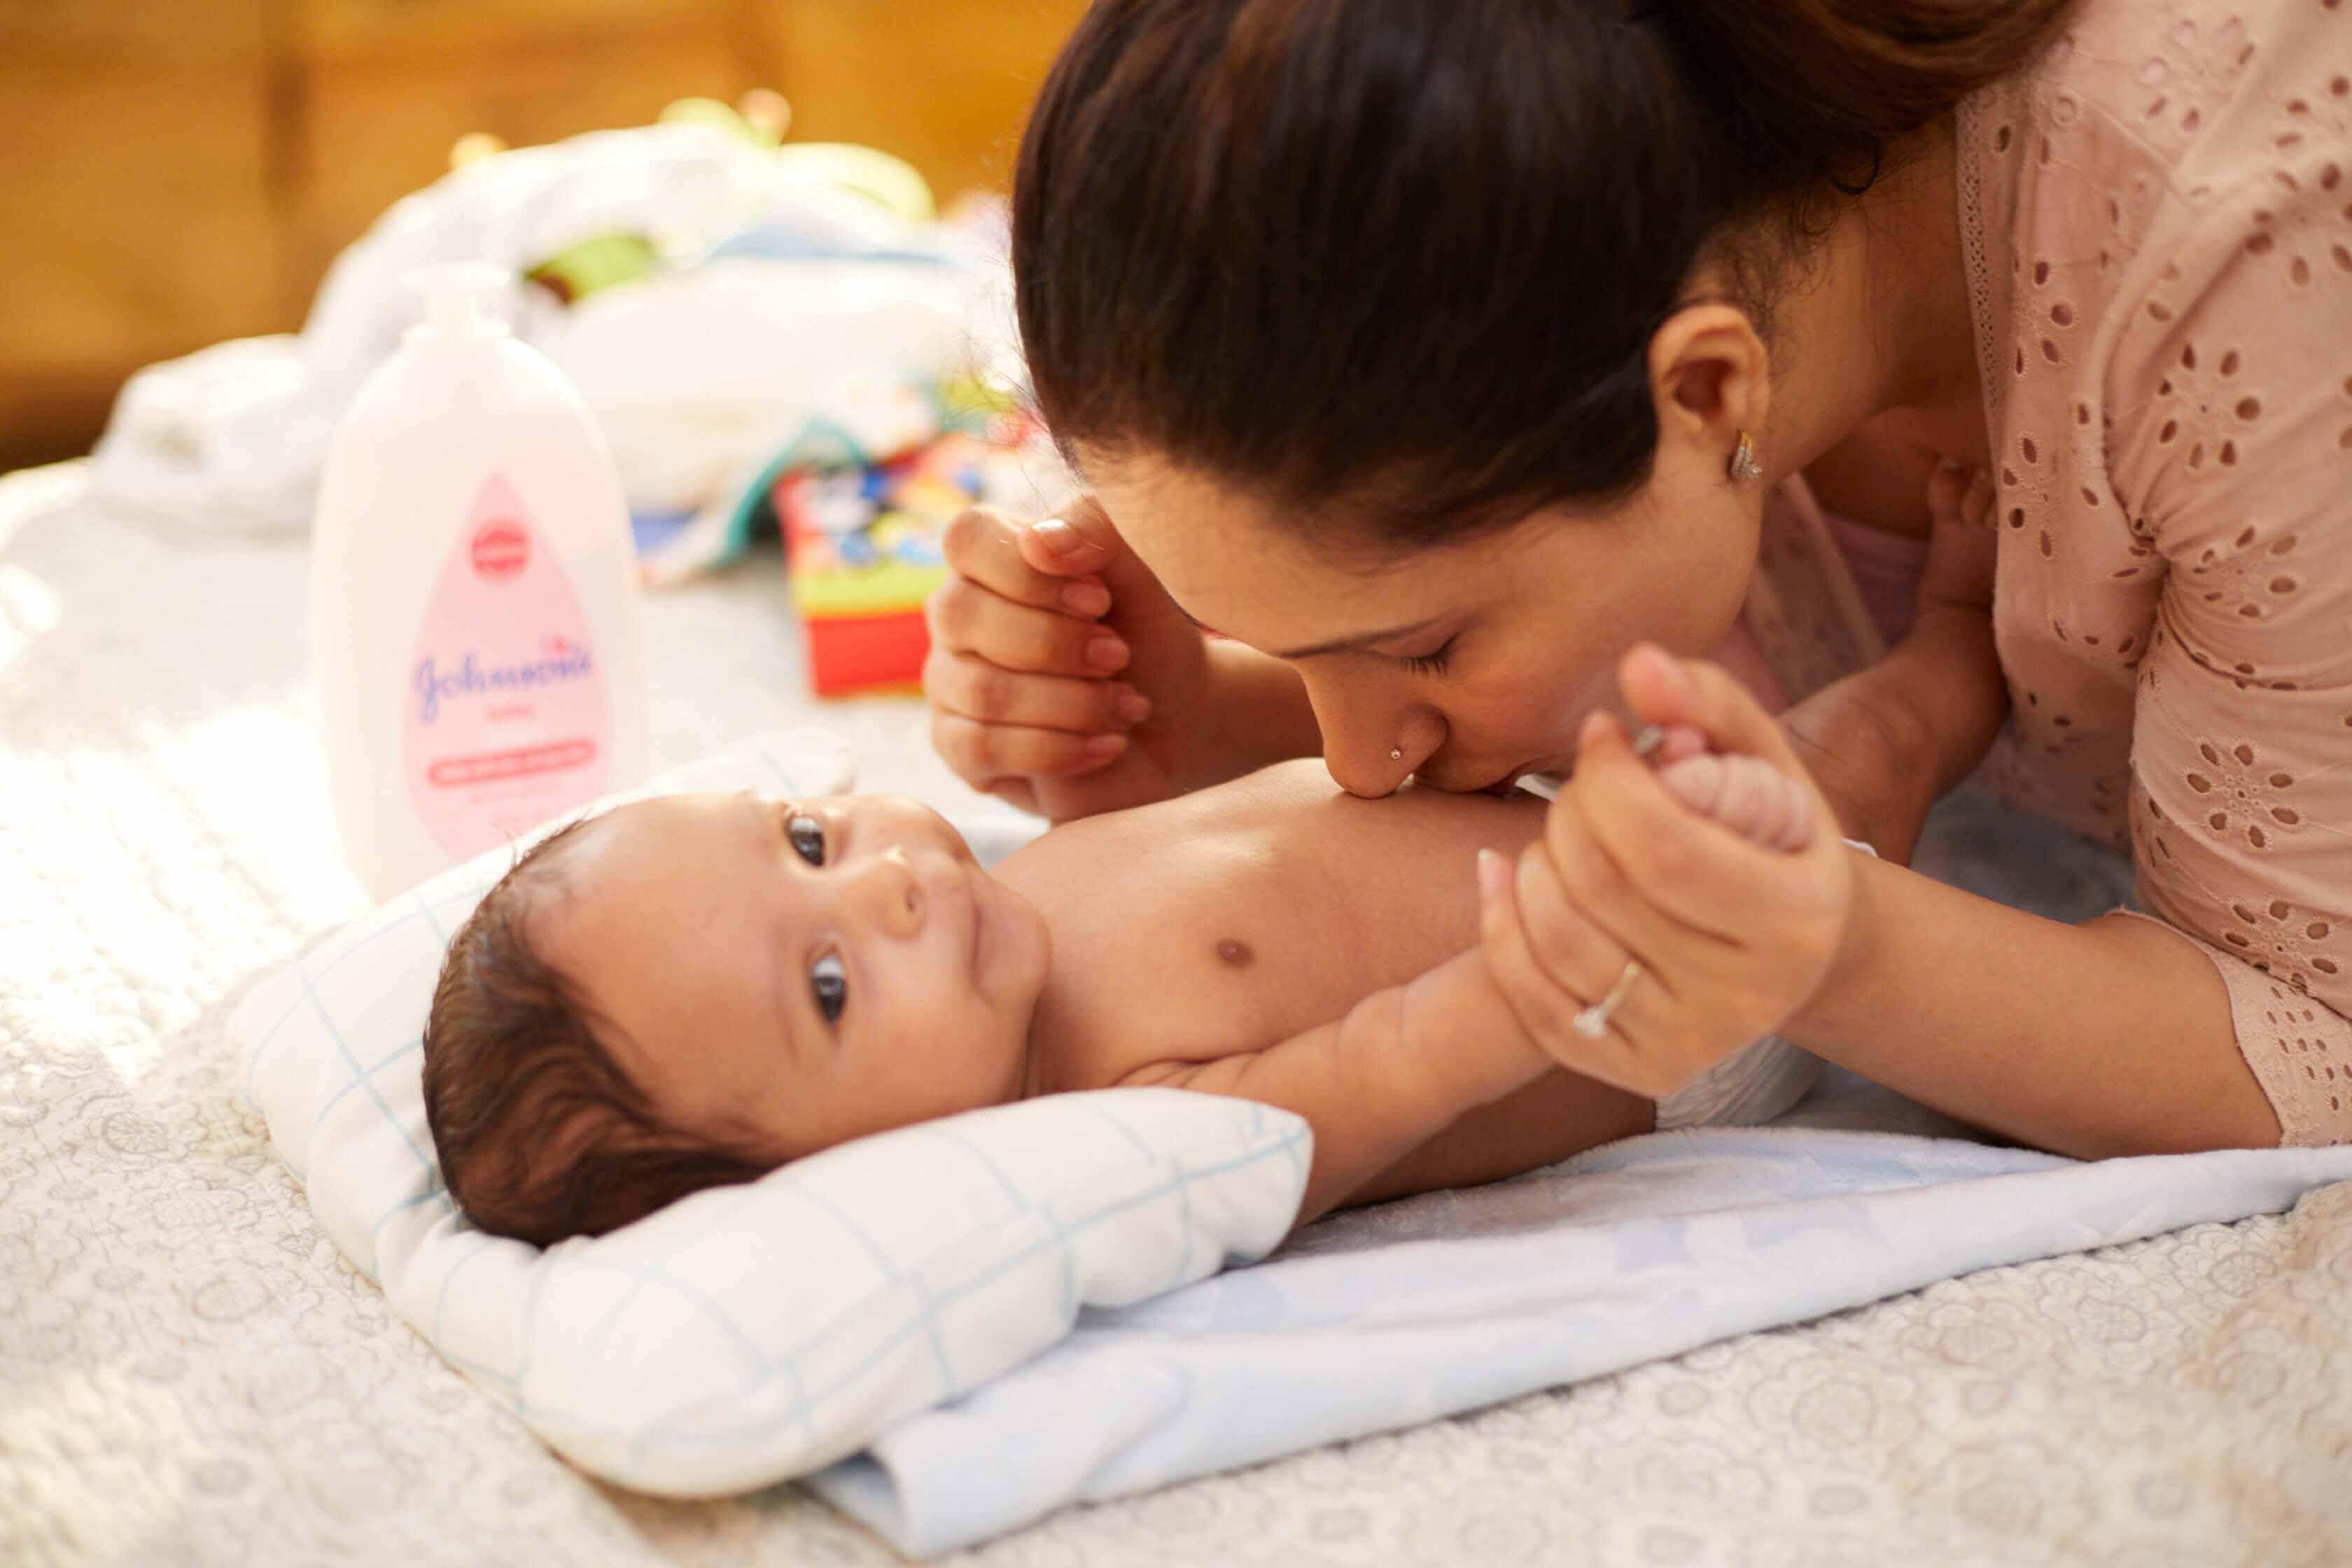 Madre besando el bebé